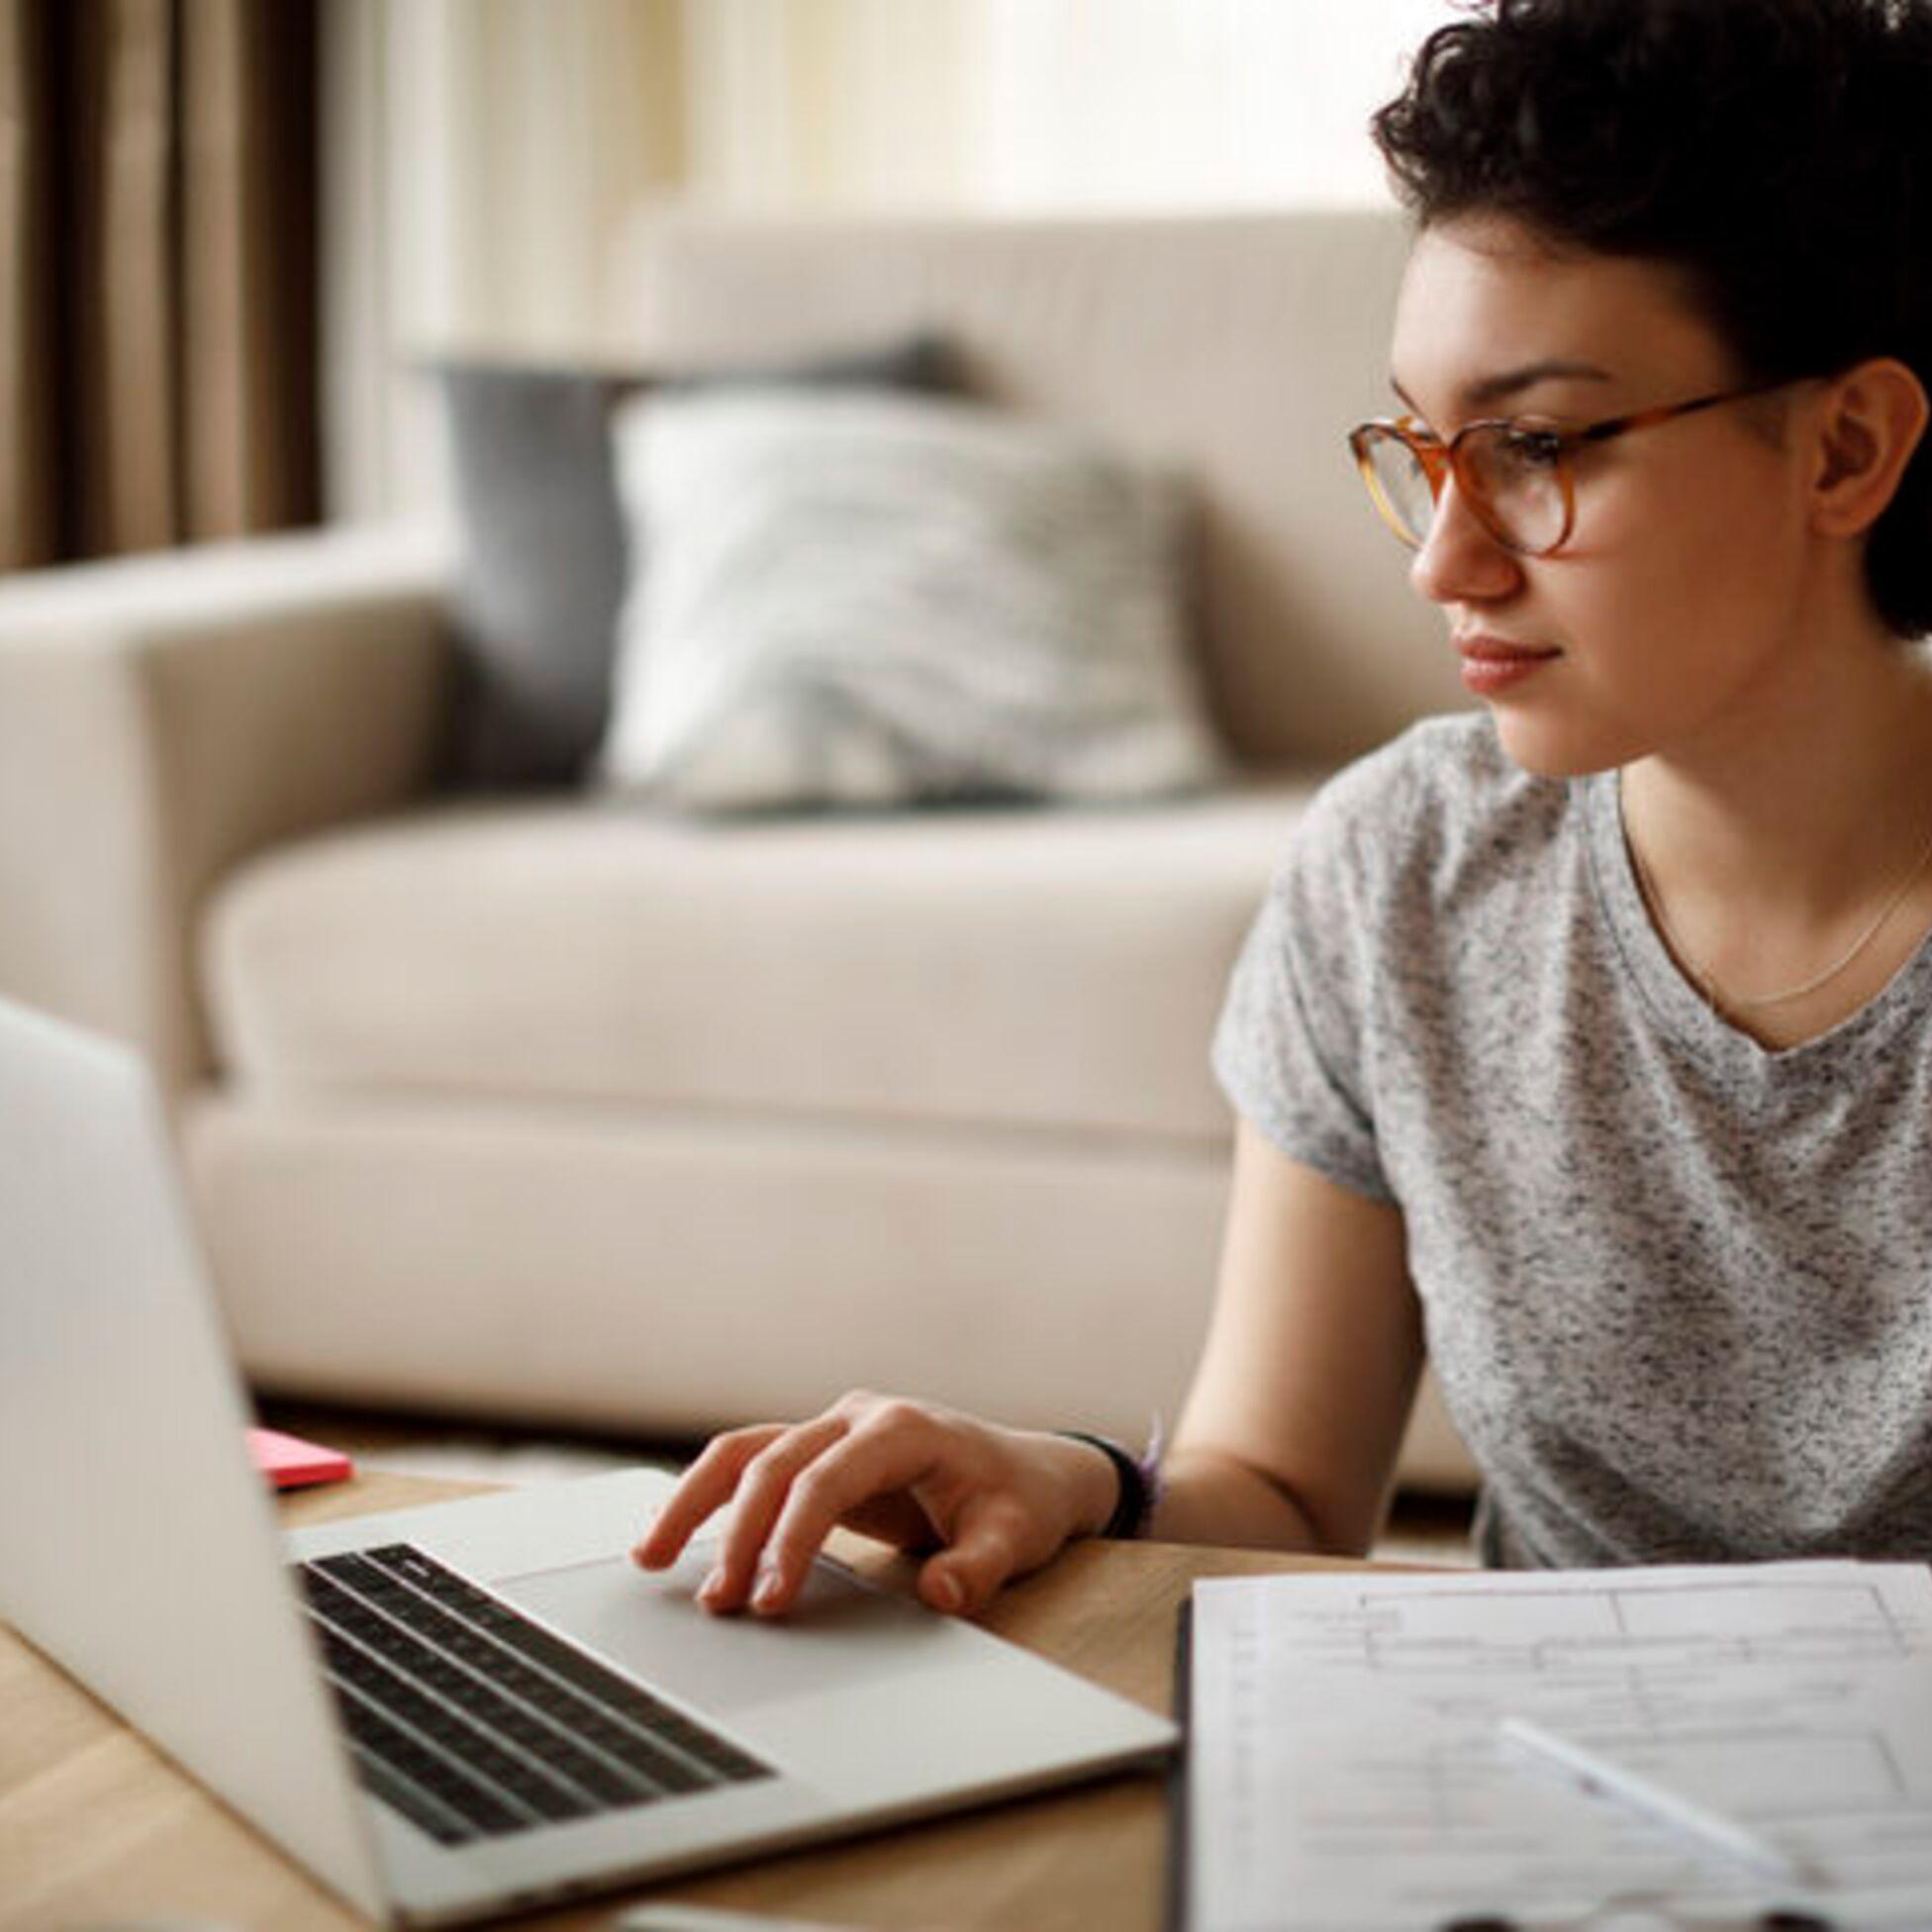 Frau arbeitet am Laptop und organisiert Unterlagen